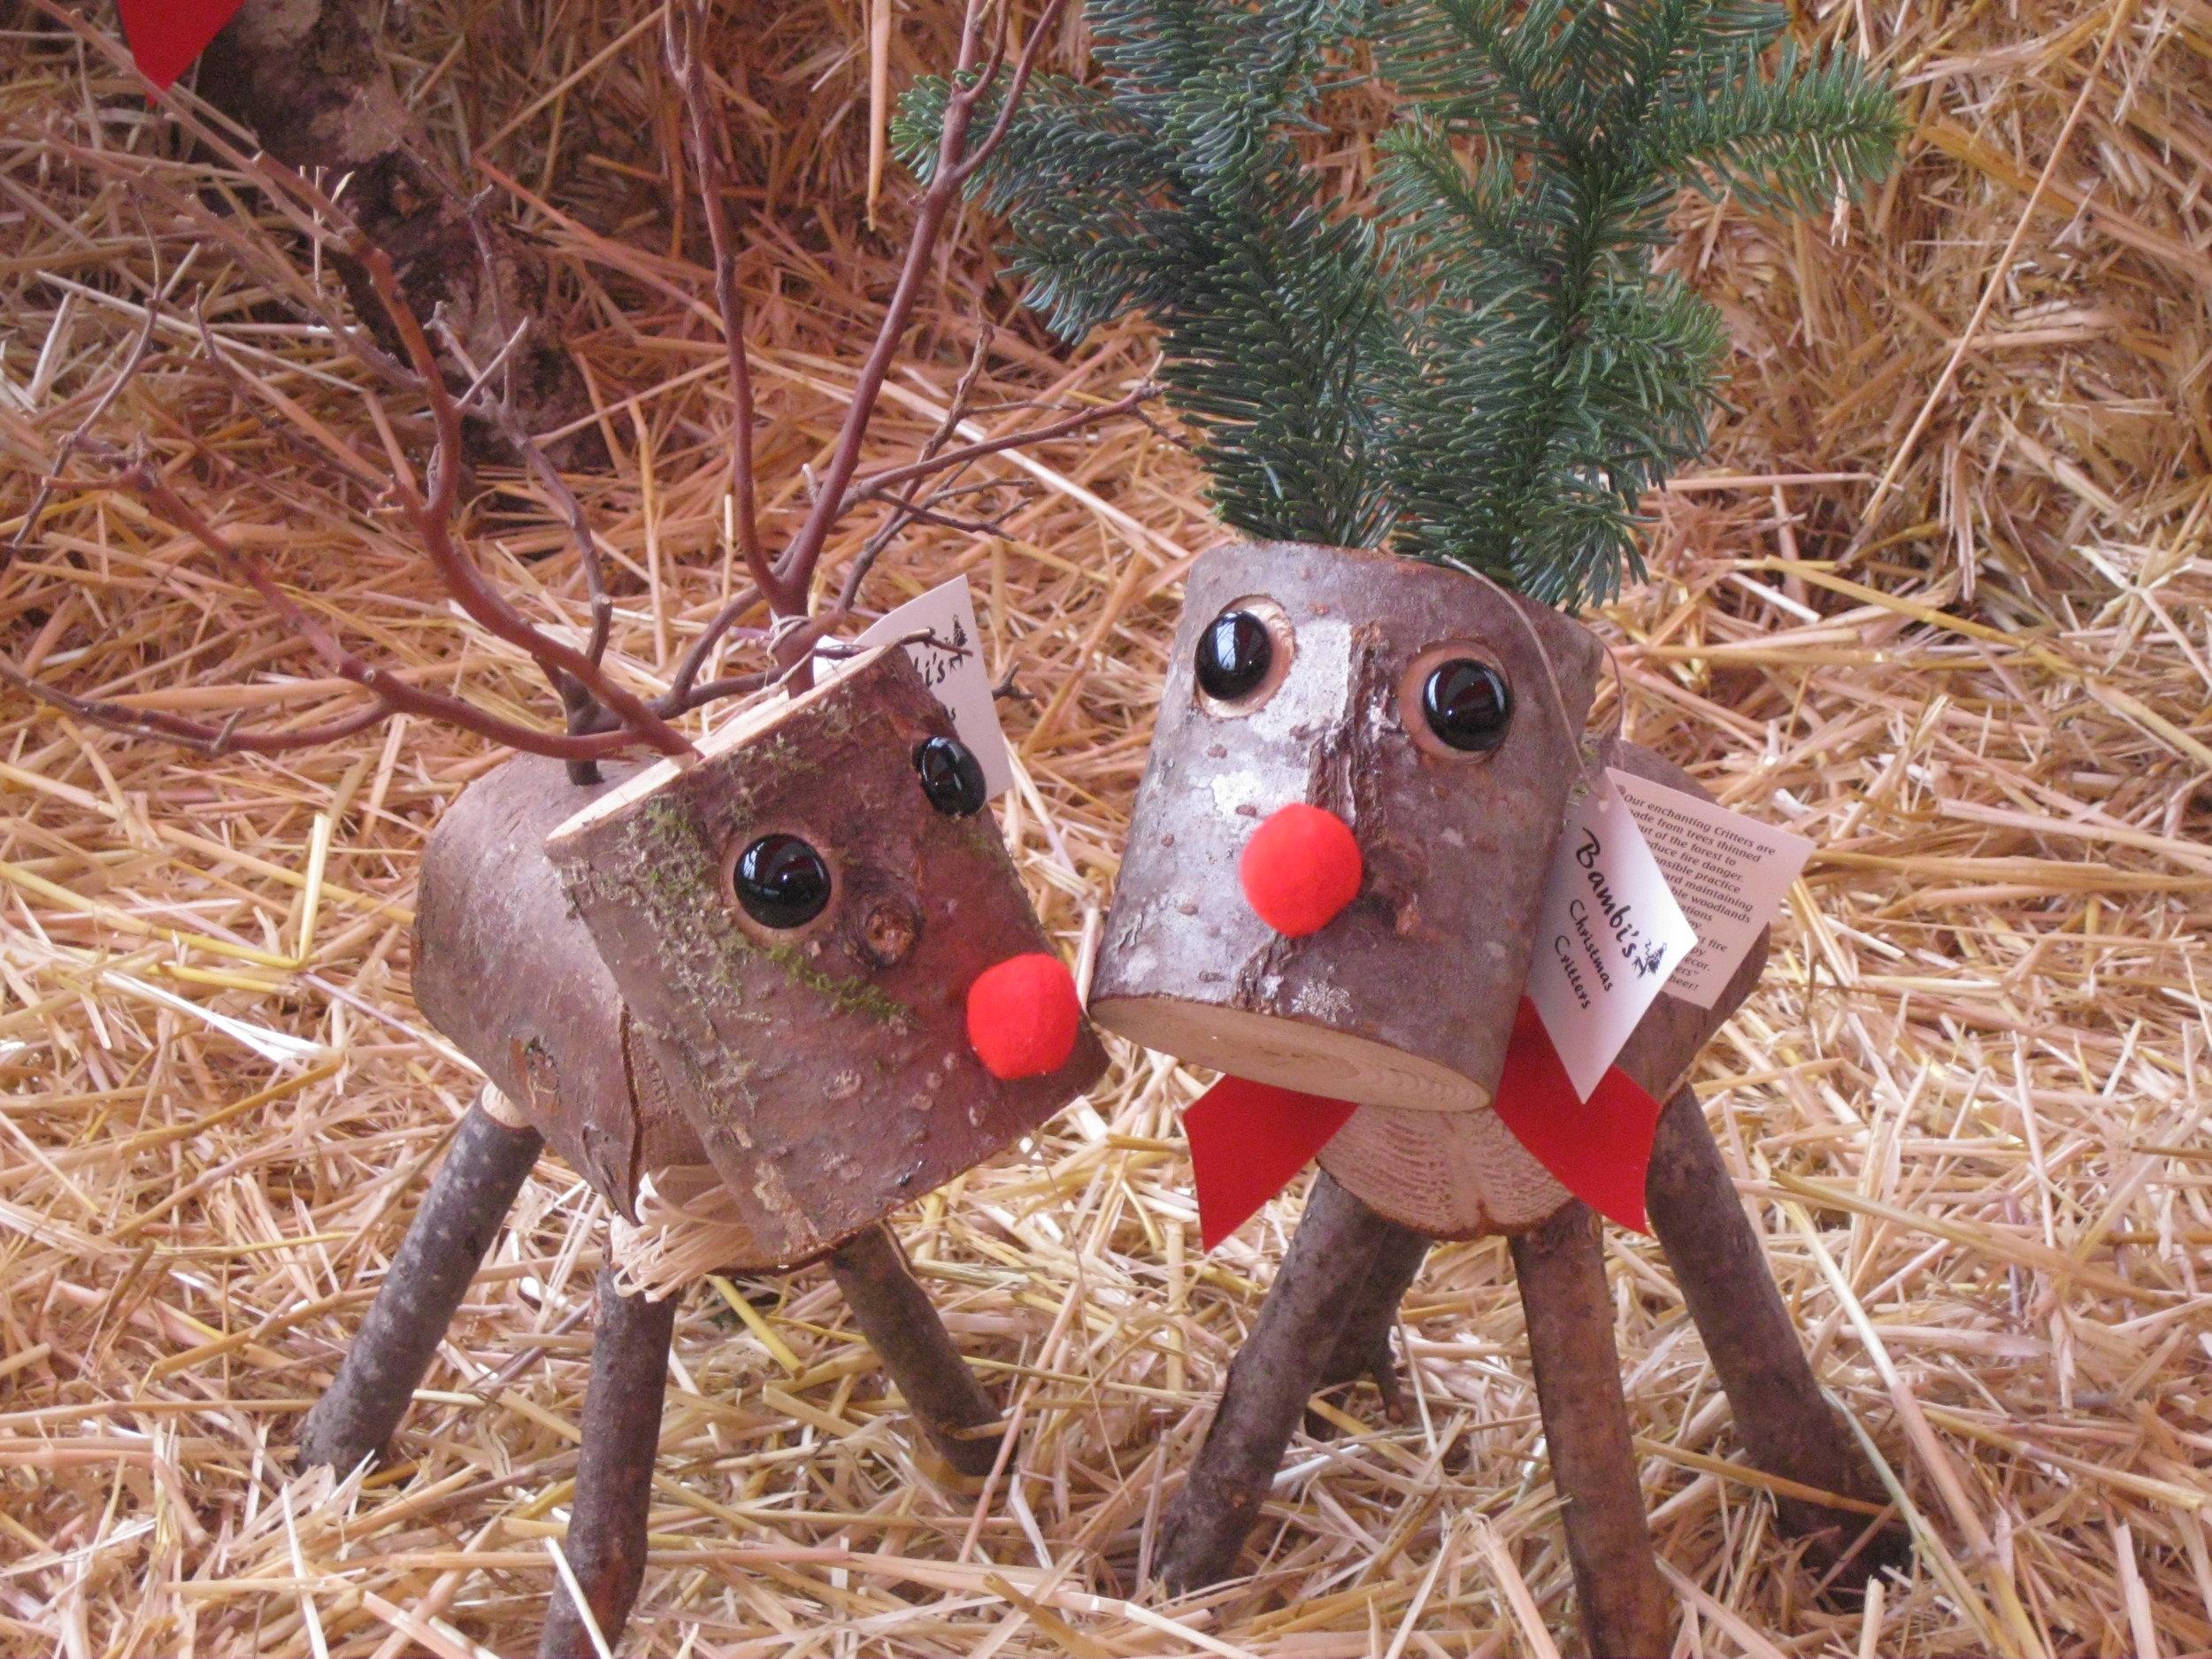 Reindeer_small.JPG